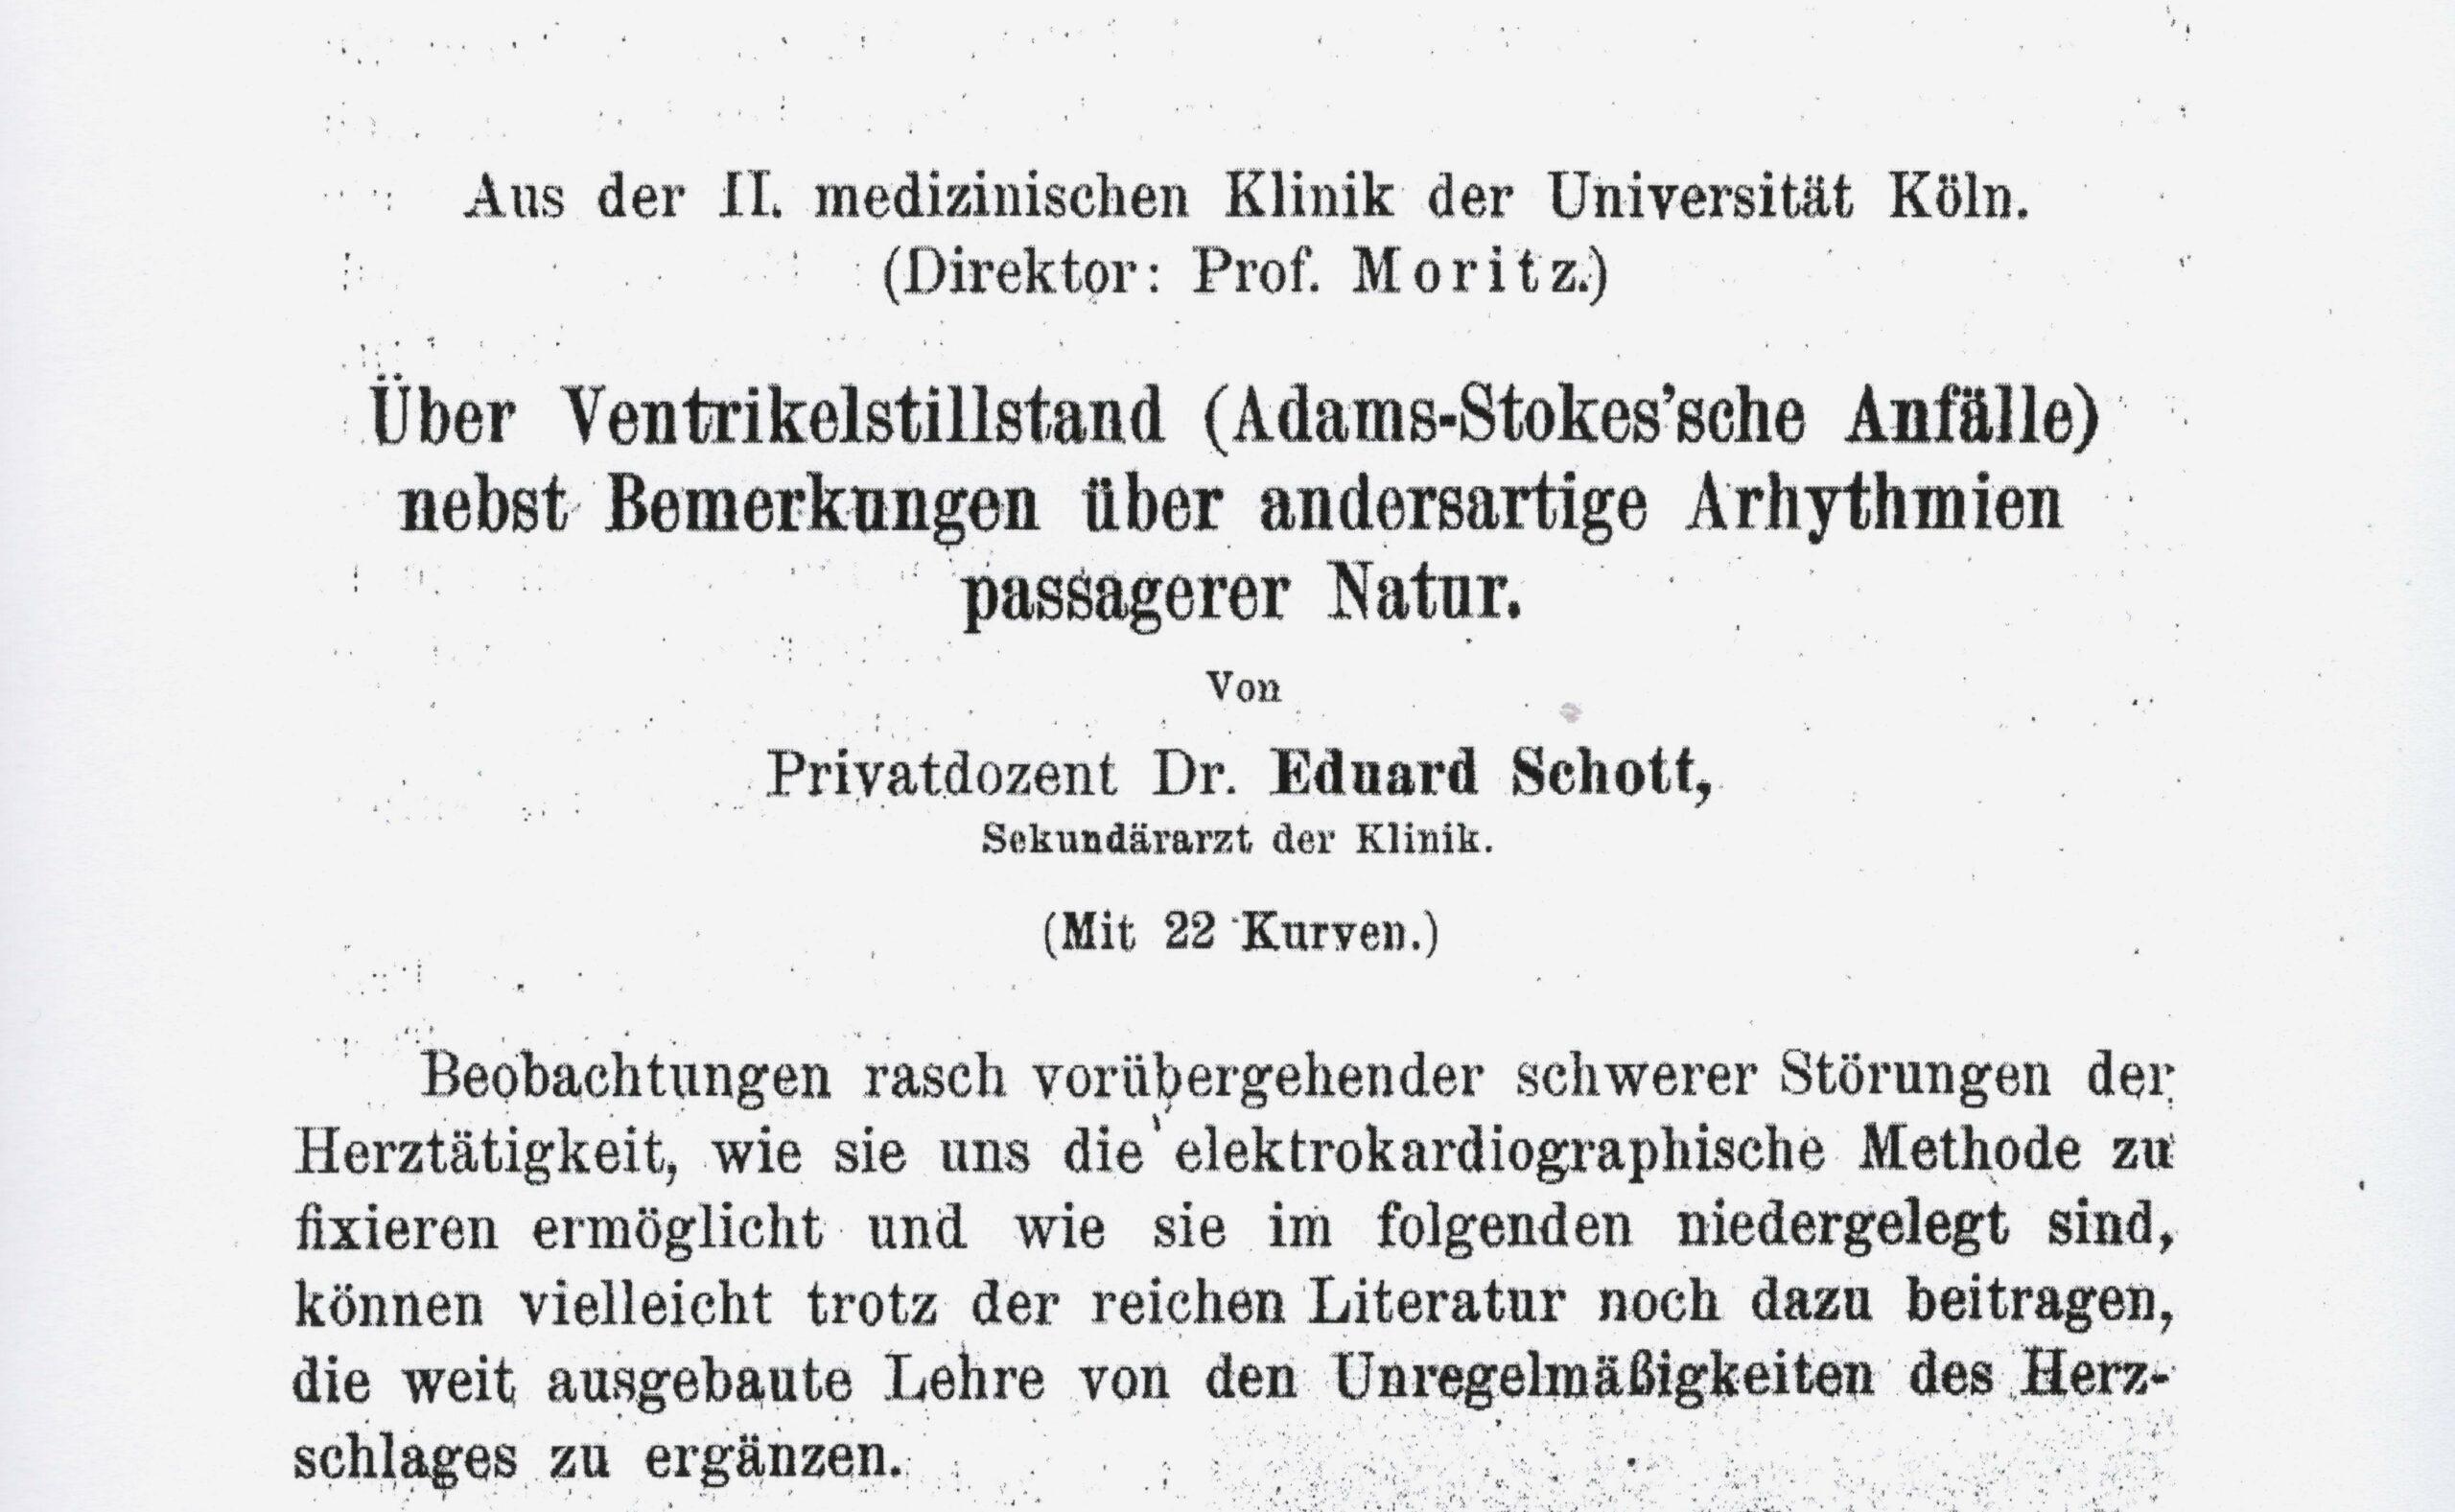 Schotts Beitrag zum präkordialen Faustschlag, Dtsch Arch Klin Med 1920